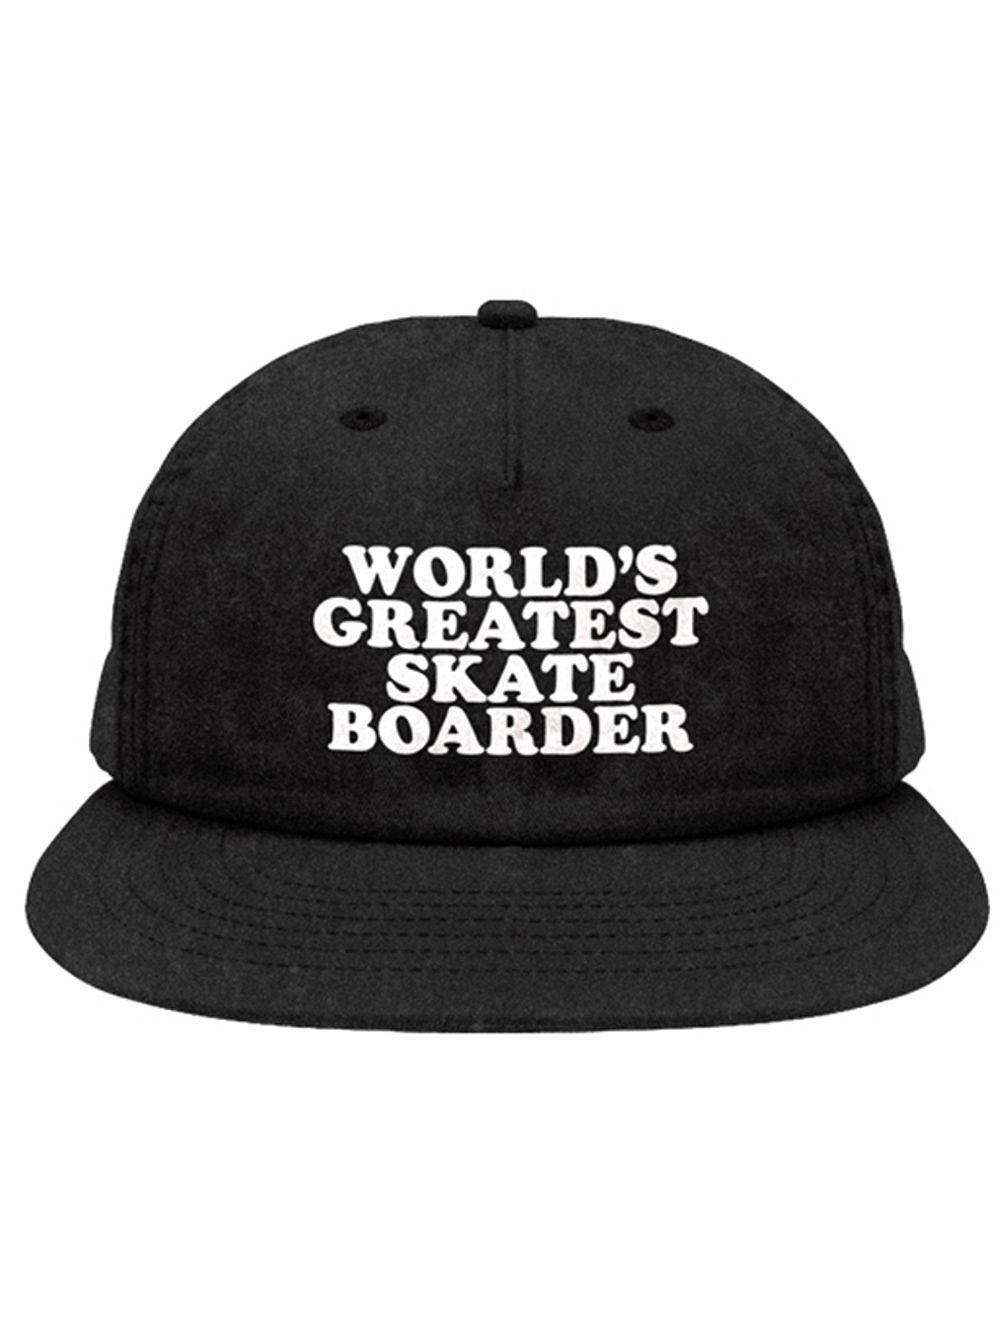 Compra Skate Mental World s Greatest Skateboarder Gorra en línea en ... fa528c49d13